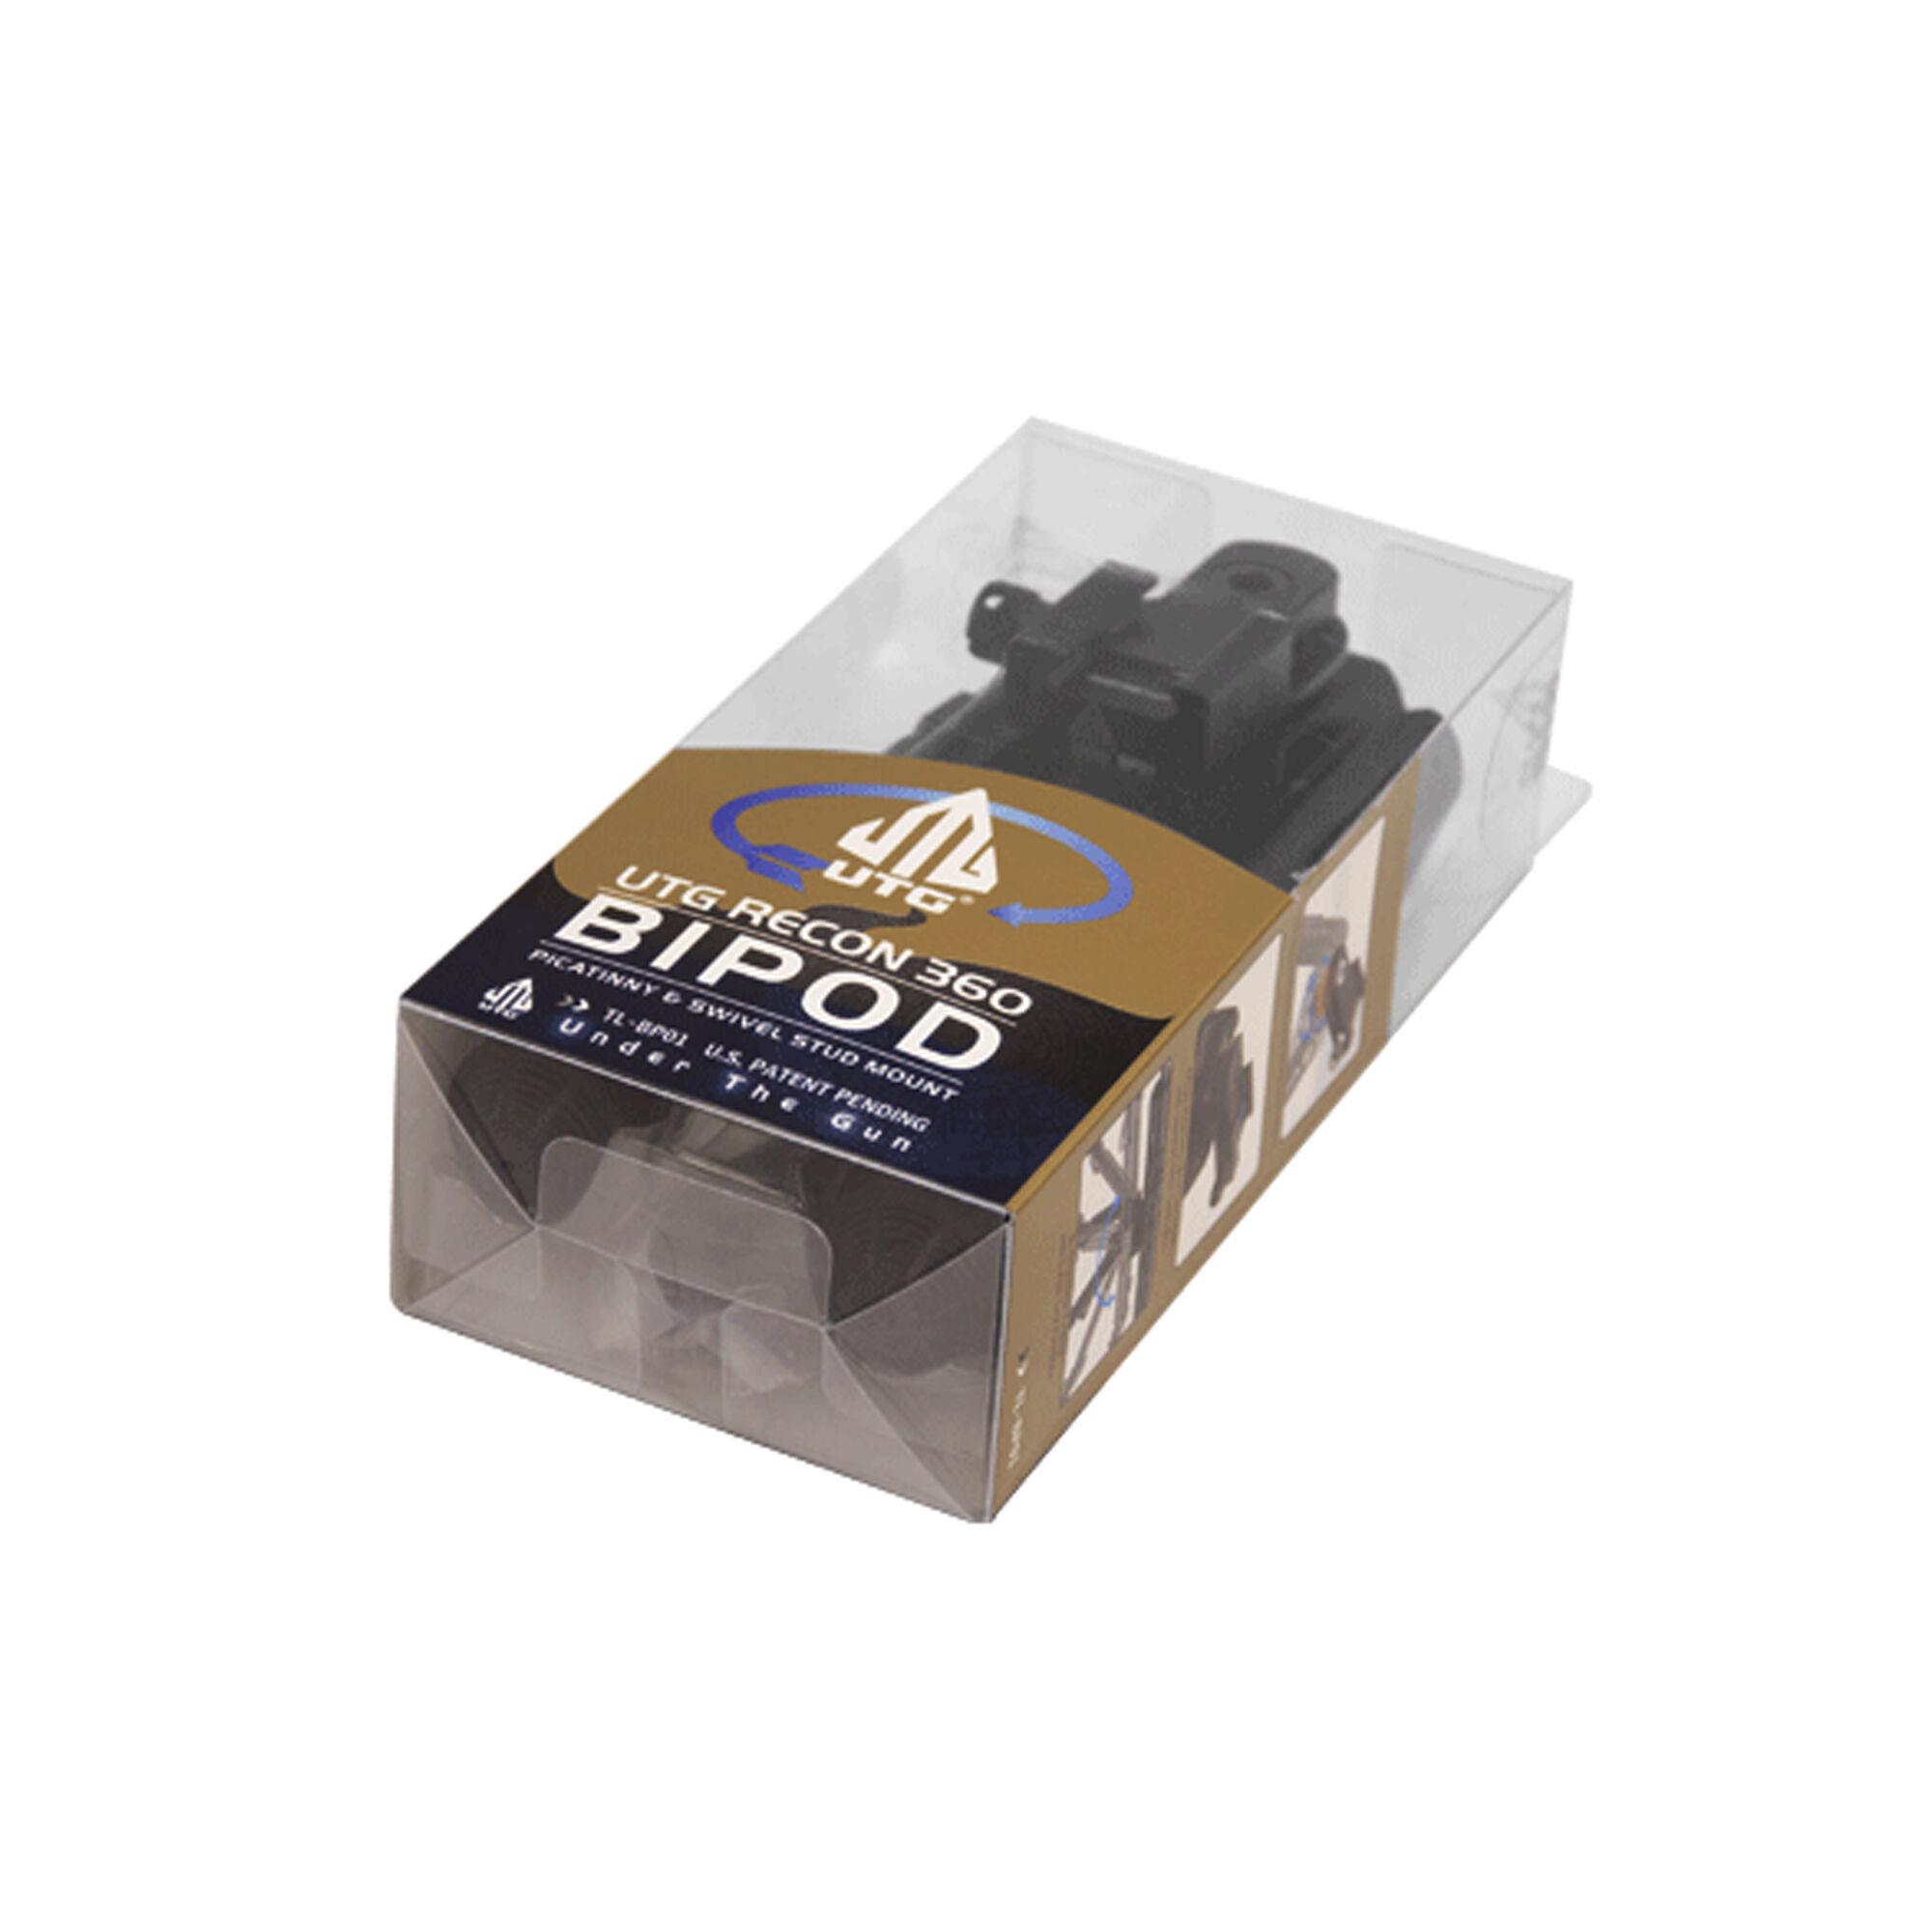 Leapers UTG Heavy Duty Recon 360 Bipod BP01